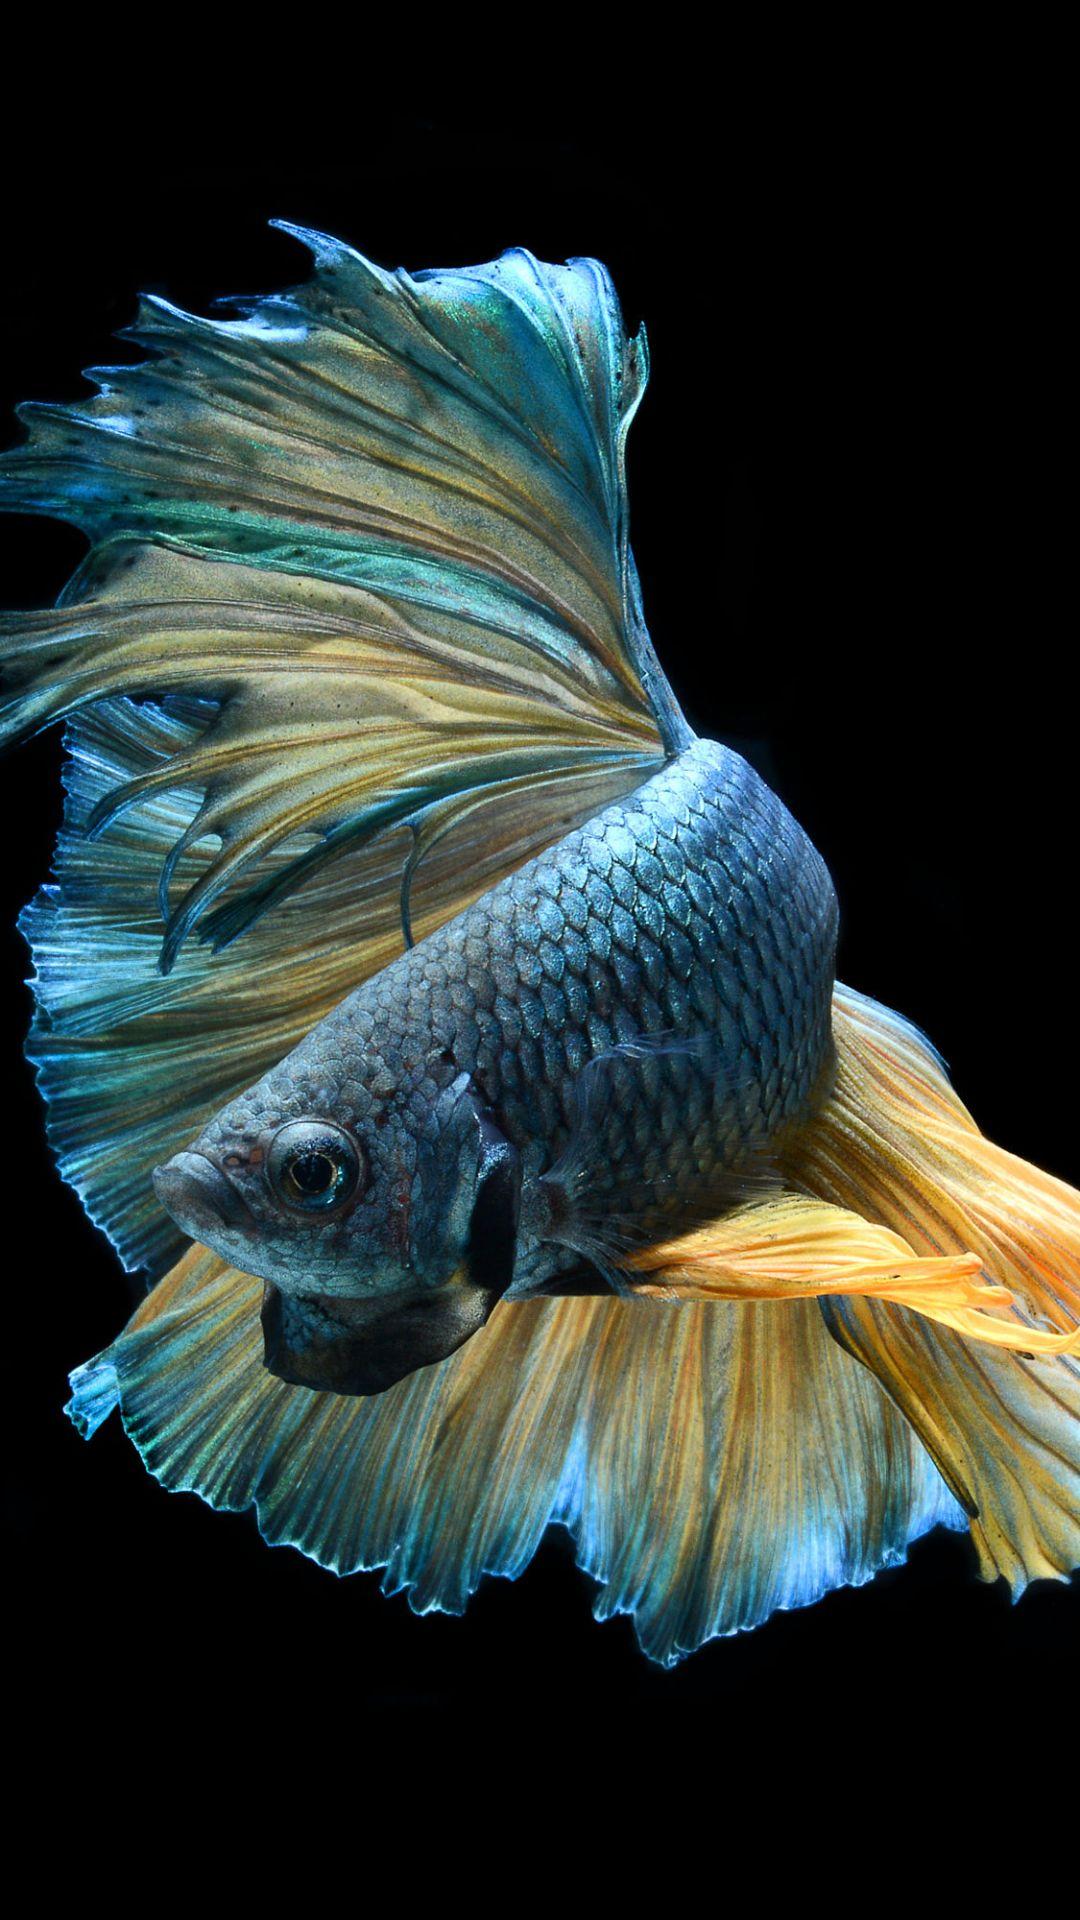 Fish wallpaper iPhone 5